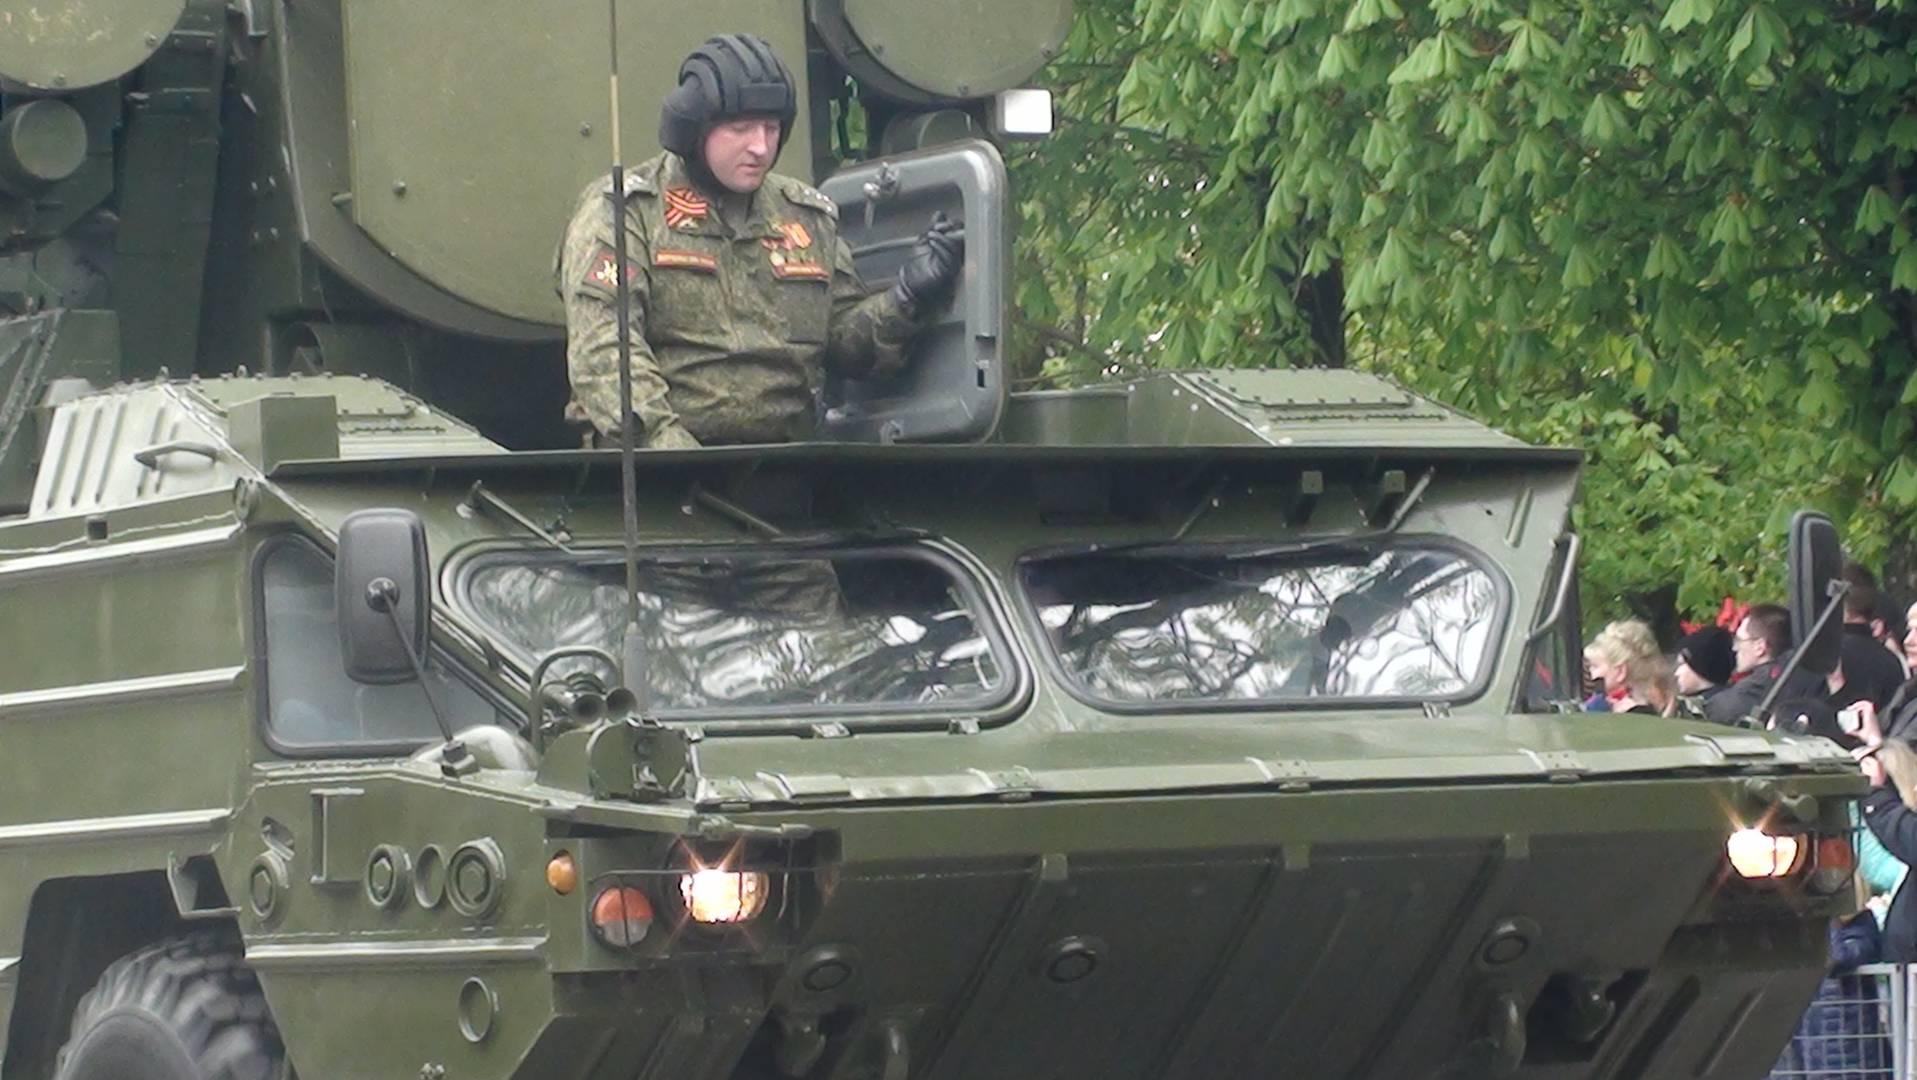 Смоленск. Танкист на Параде Победы.